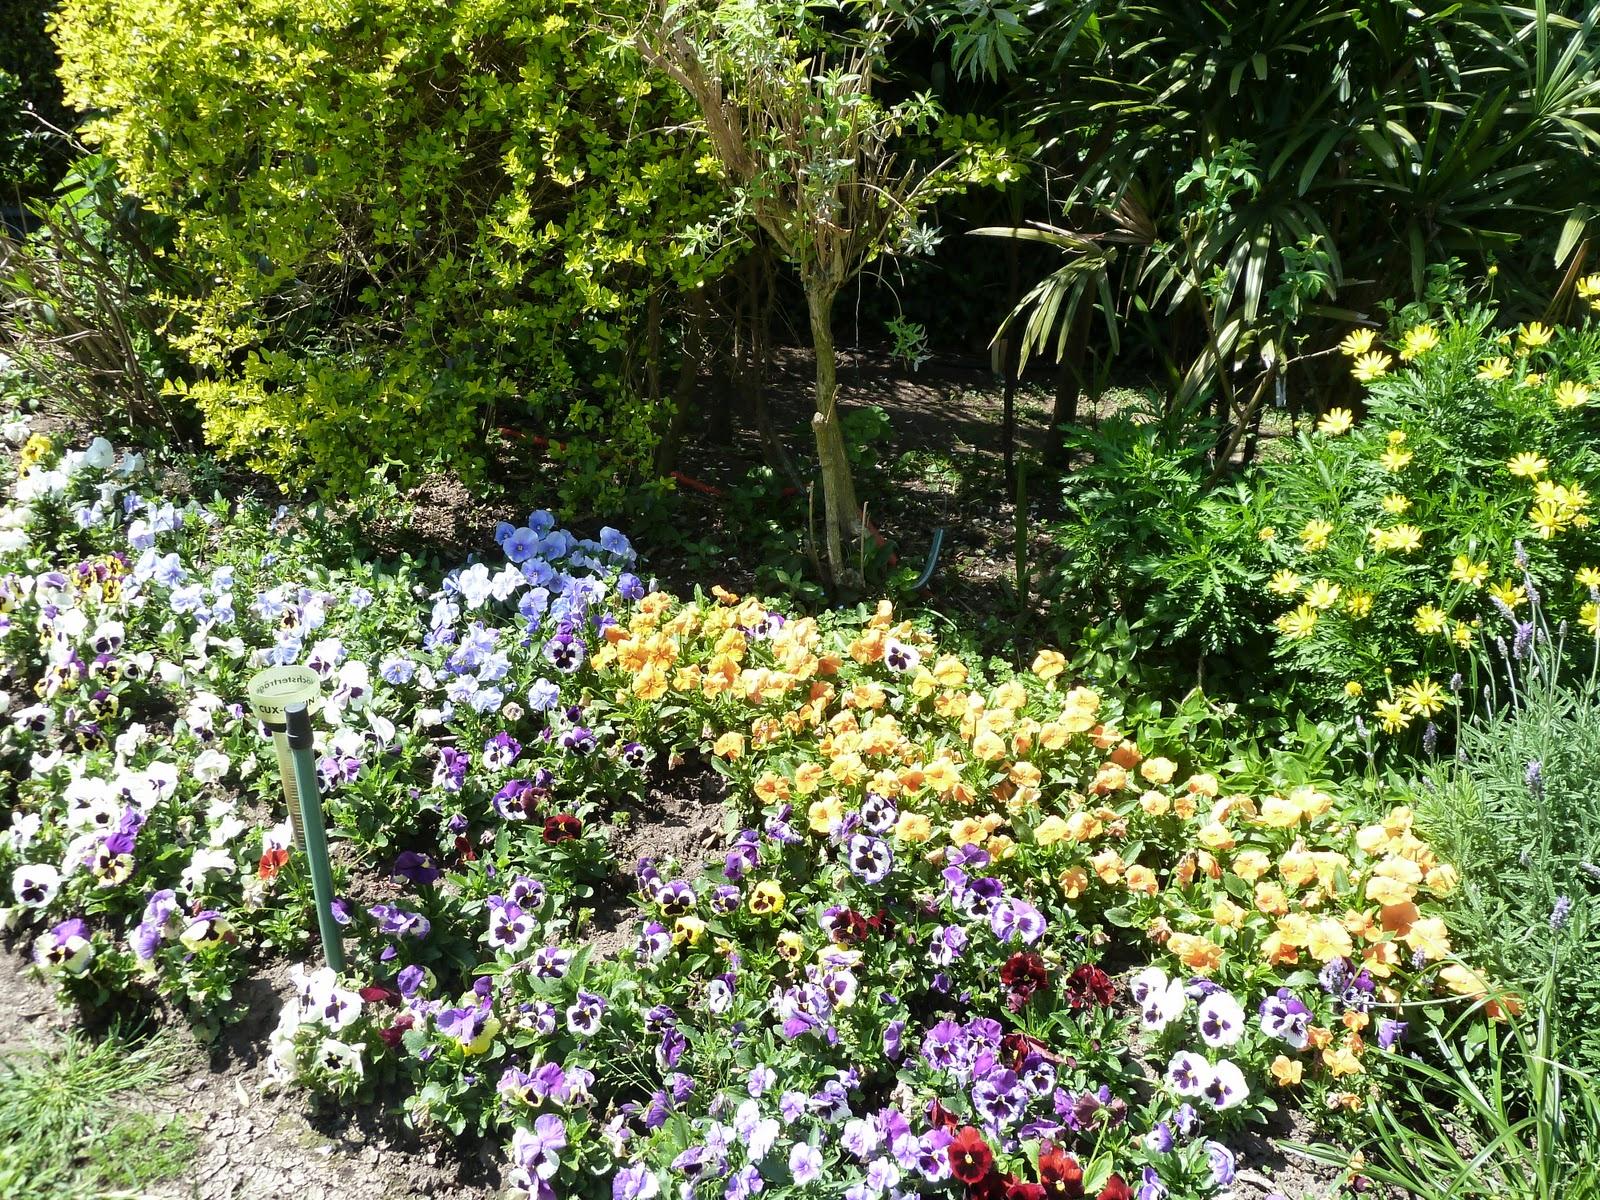 Los invito a pasear por mi jard n arriate cantero - Arriate plantas ...